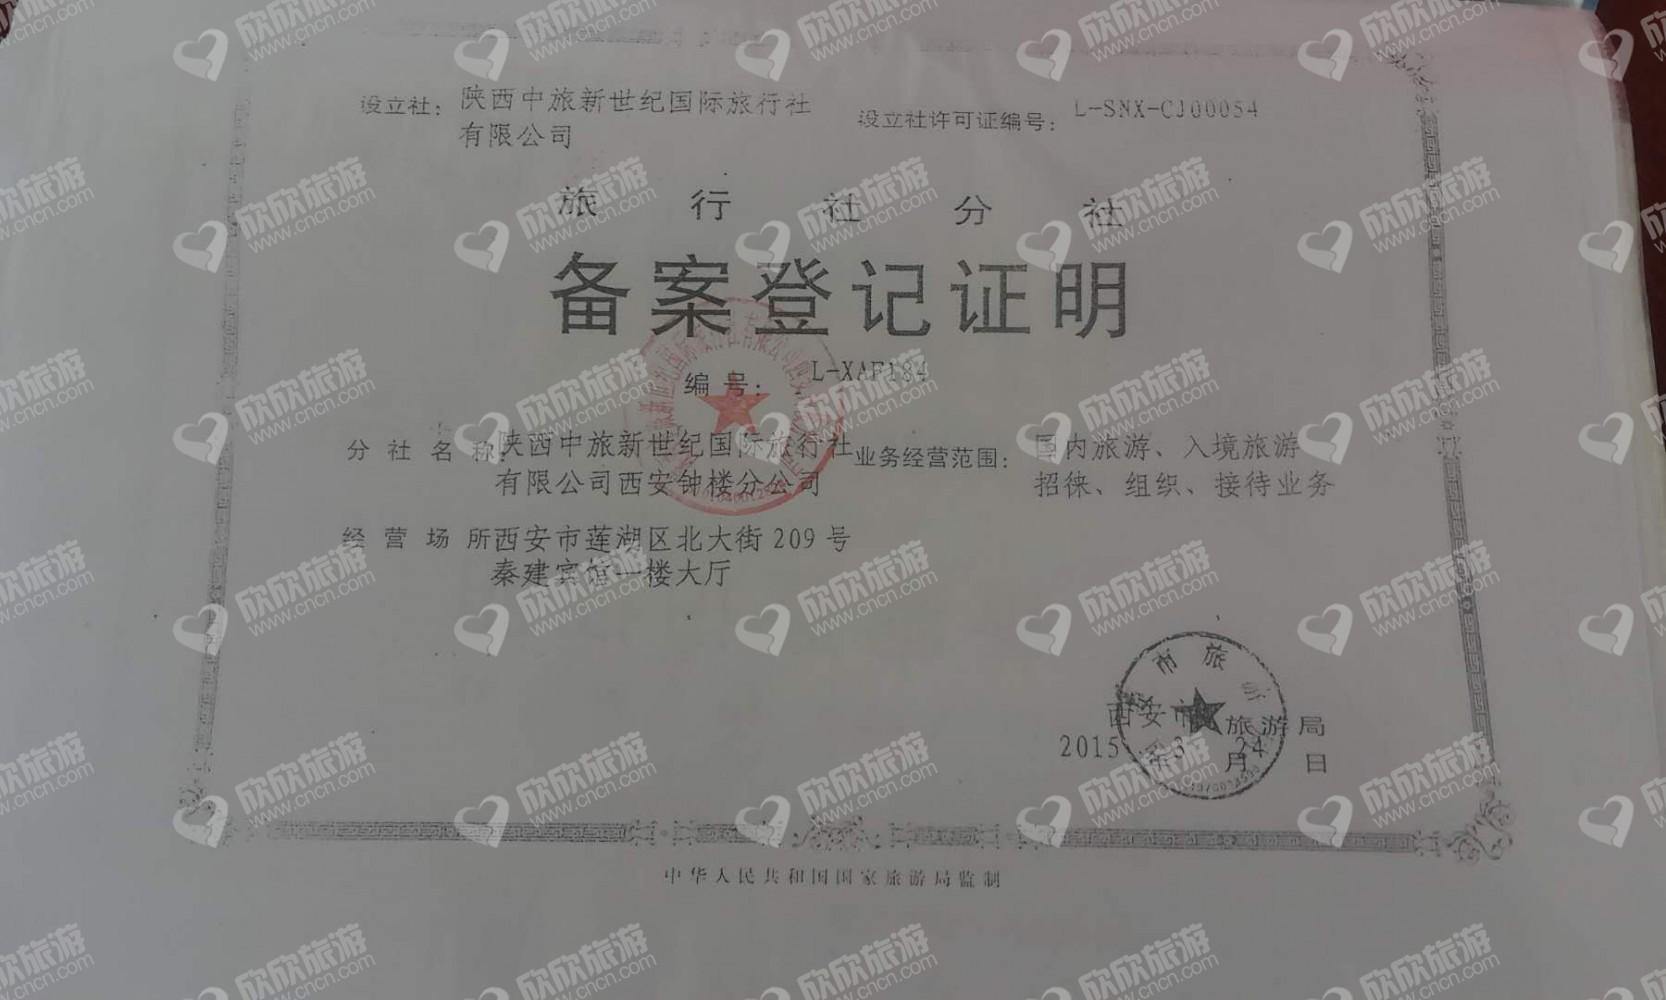 陕西中旅新世纪国际旅行社有限公司西安钟楼分公司经营许可证